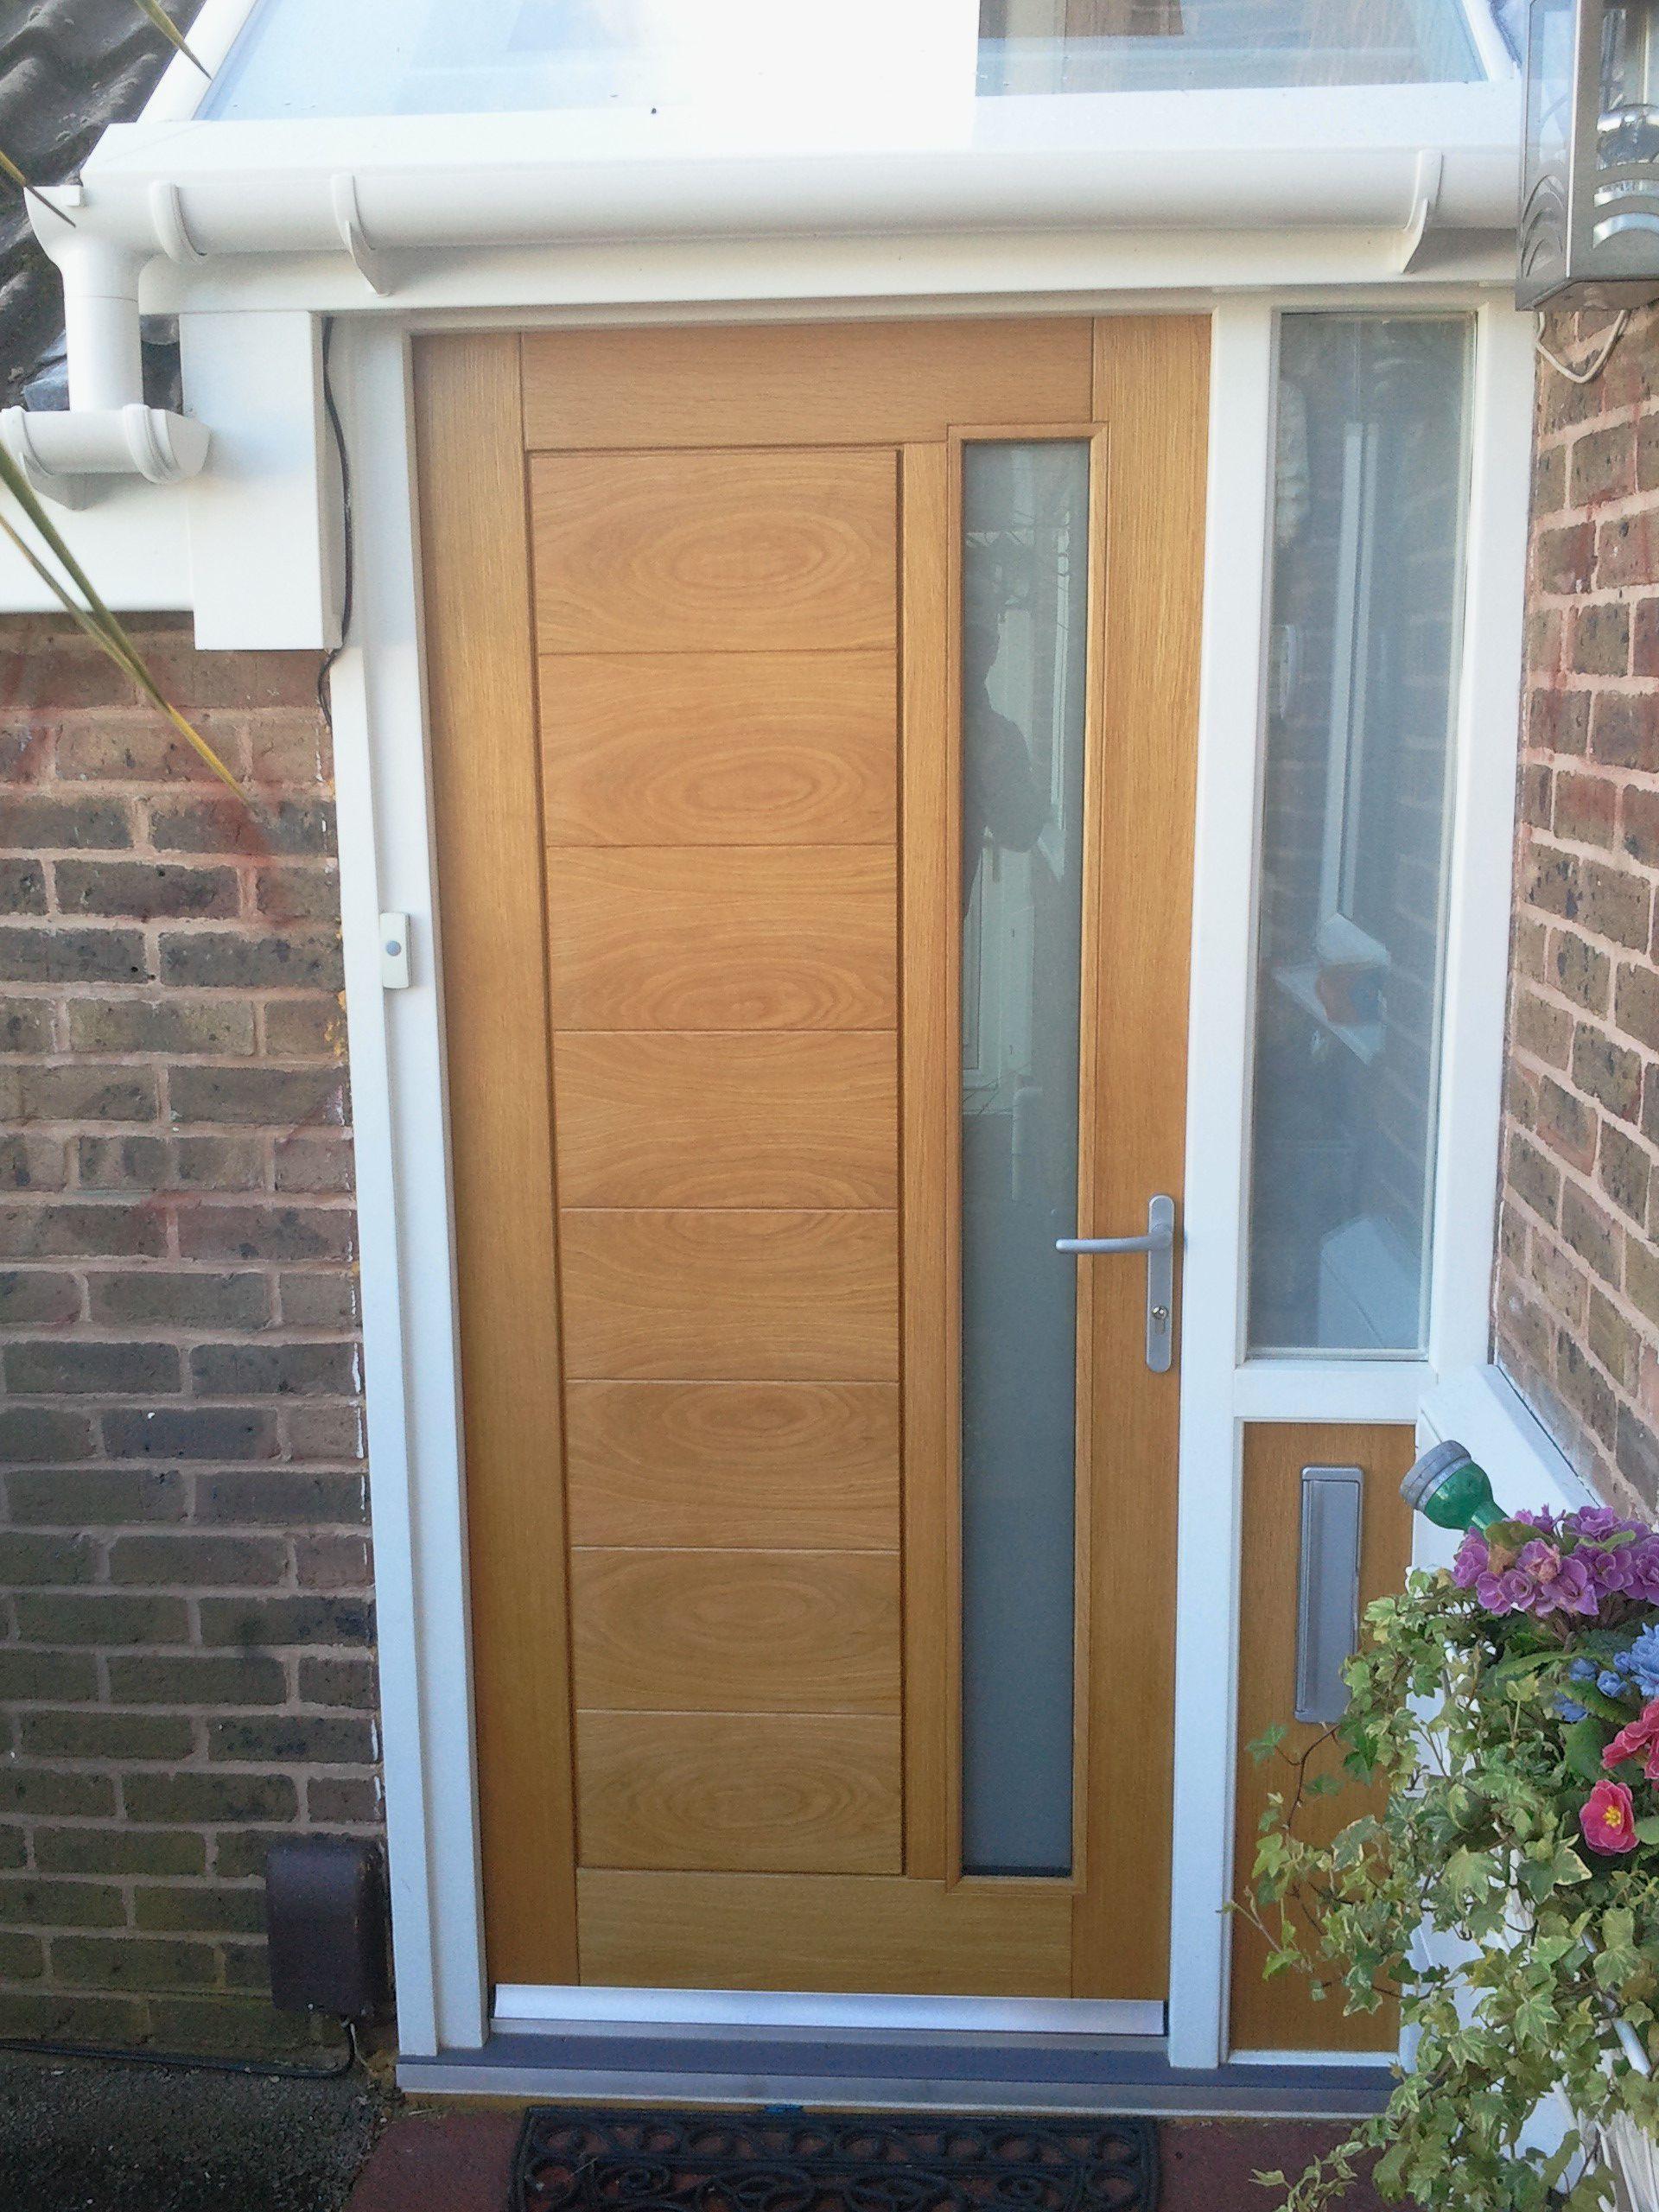 External Modena Door In Oak Makes A Striking Front Door With A